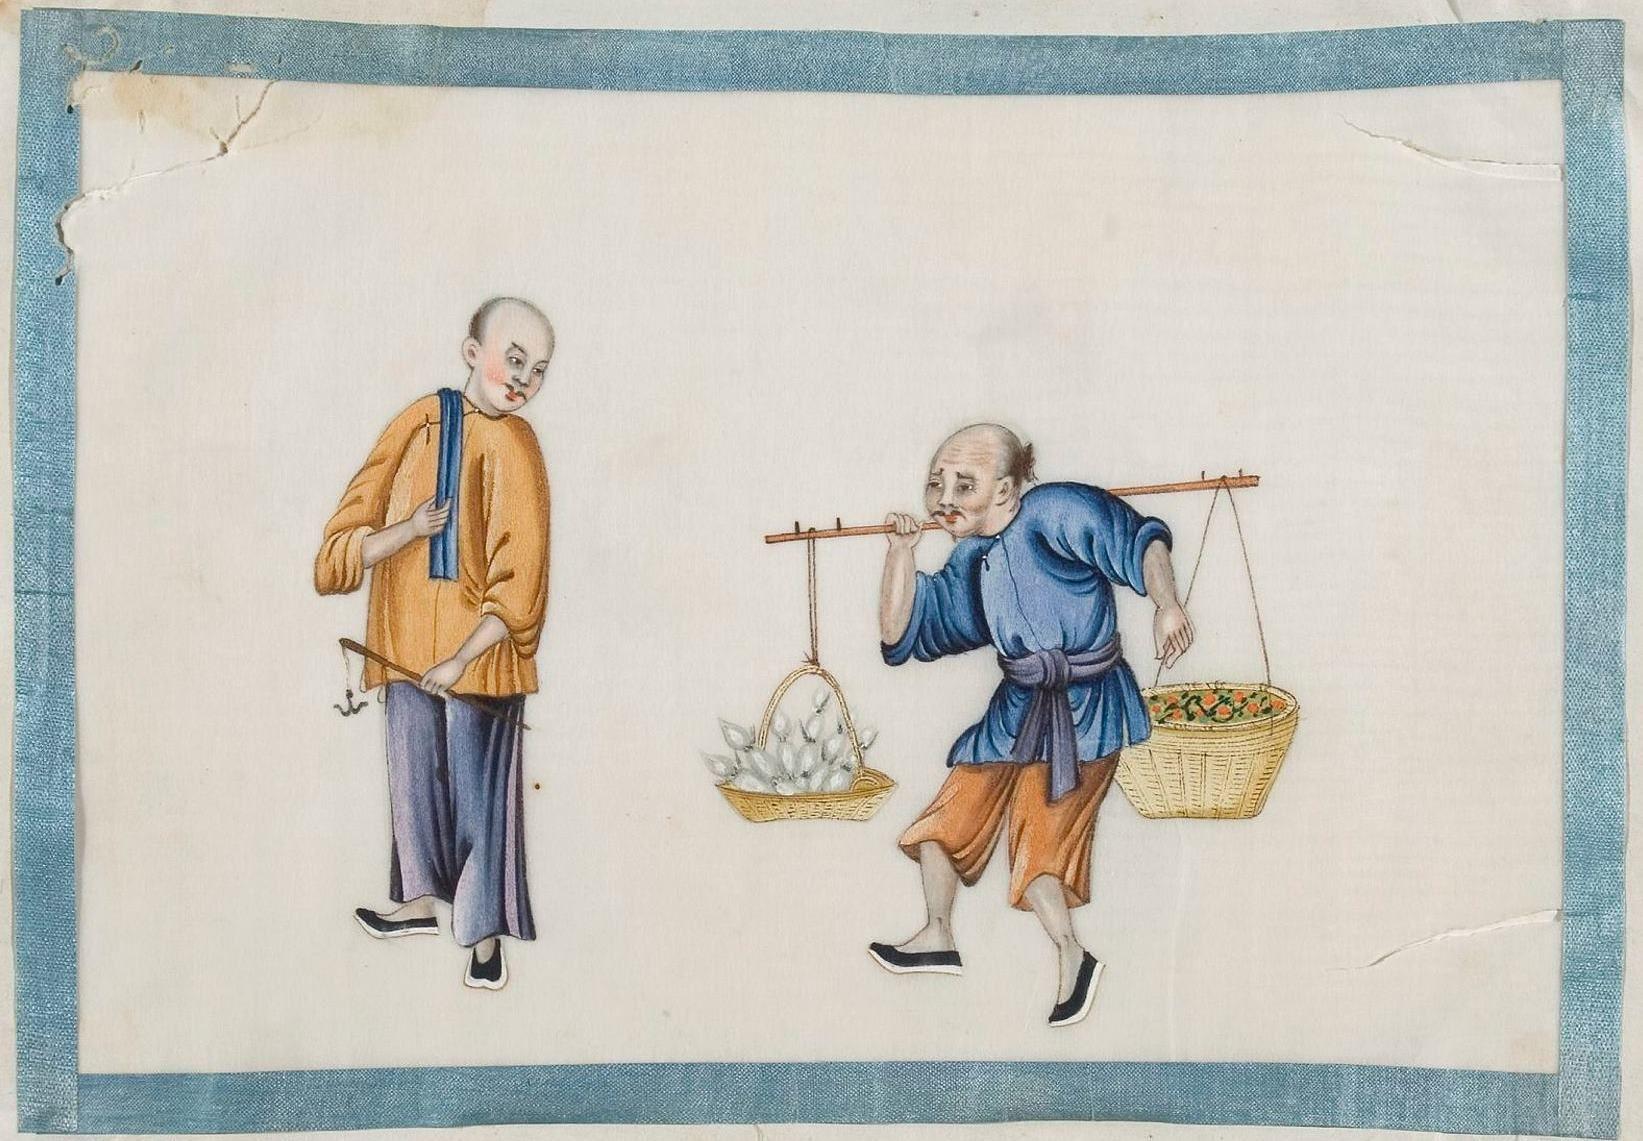 Vendeur de légumes, Chine environ 1850